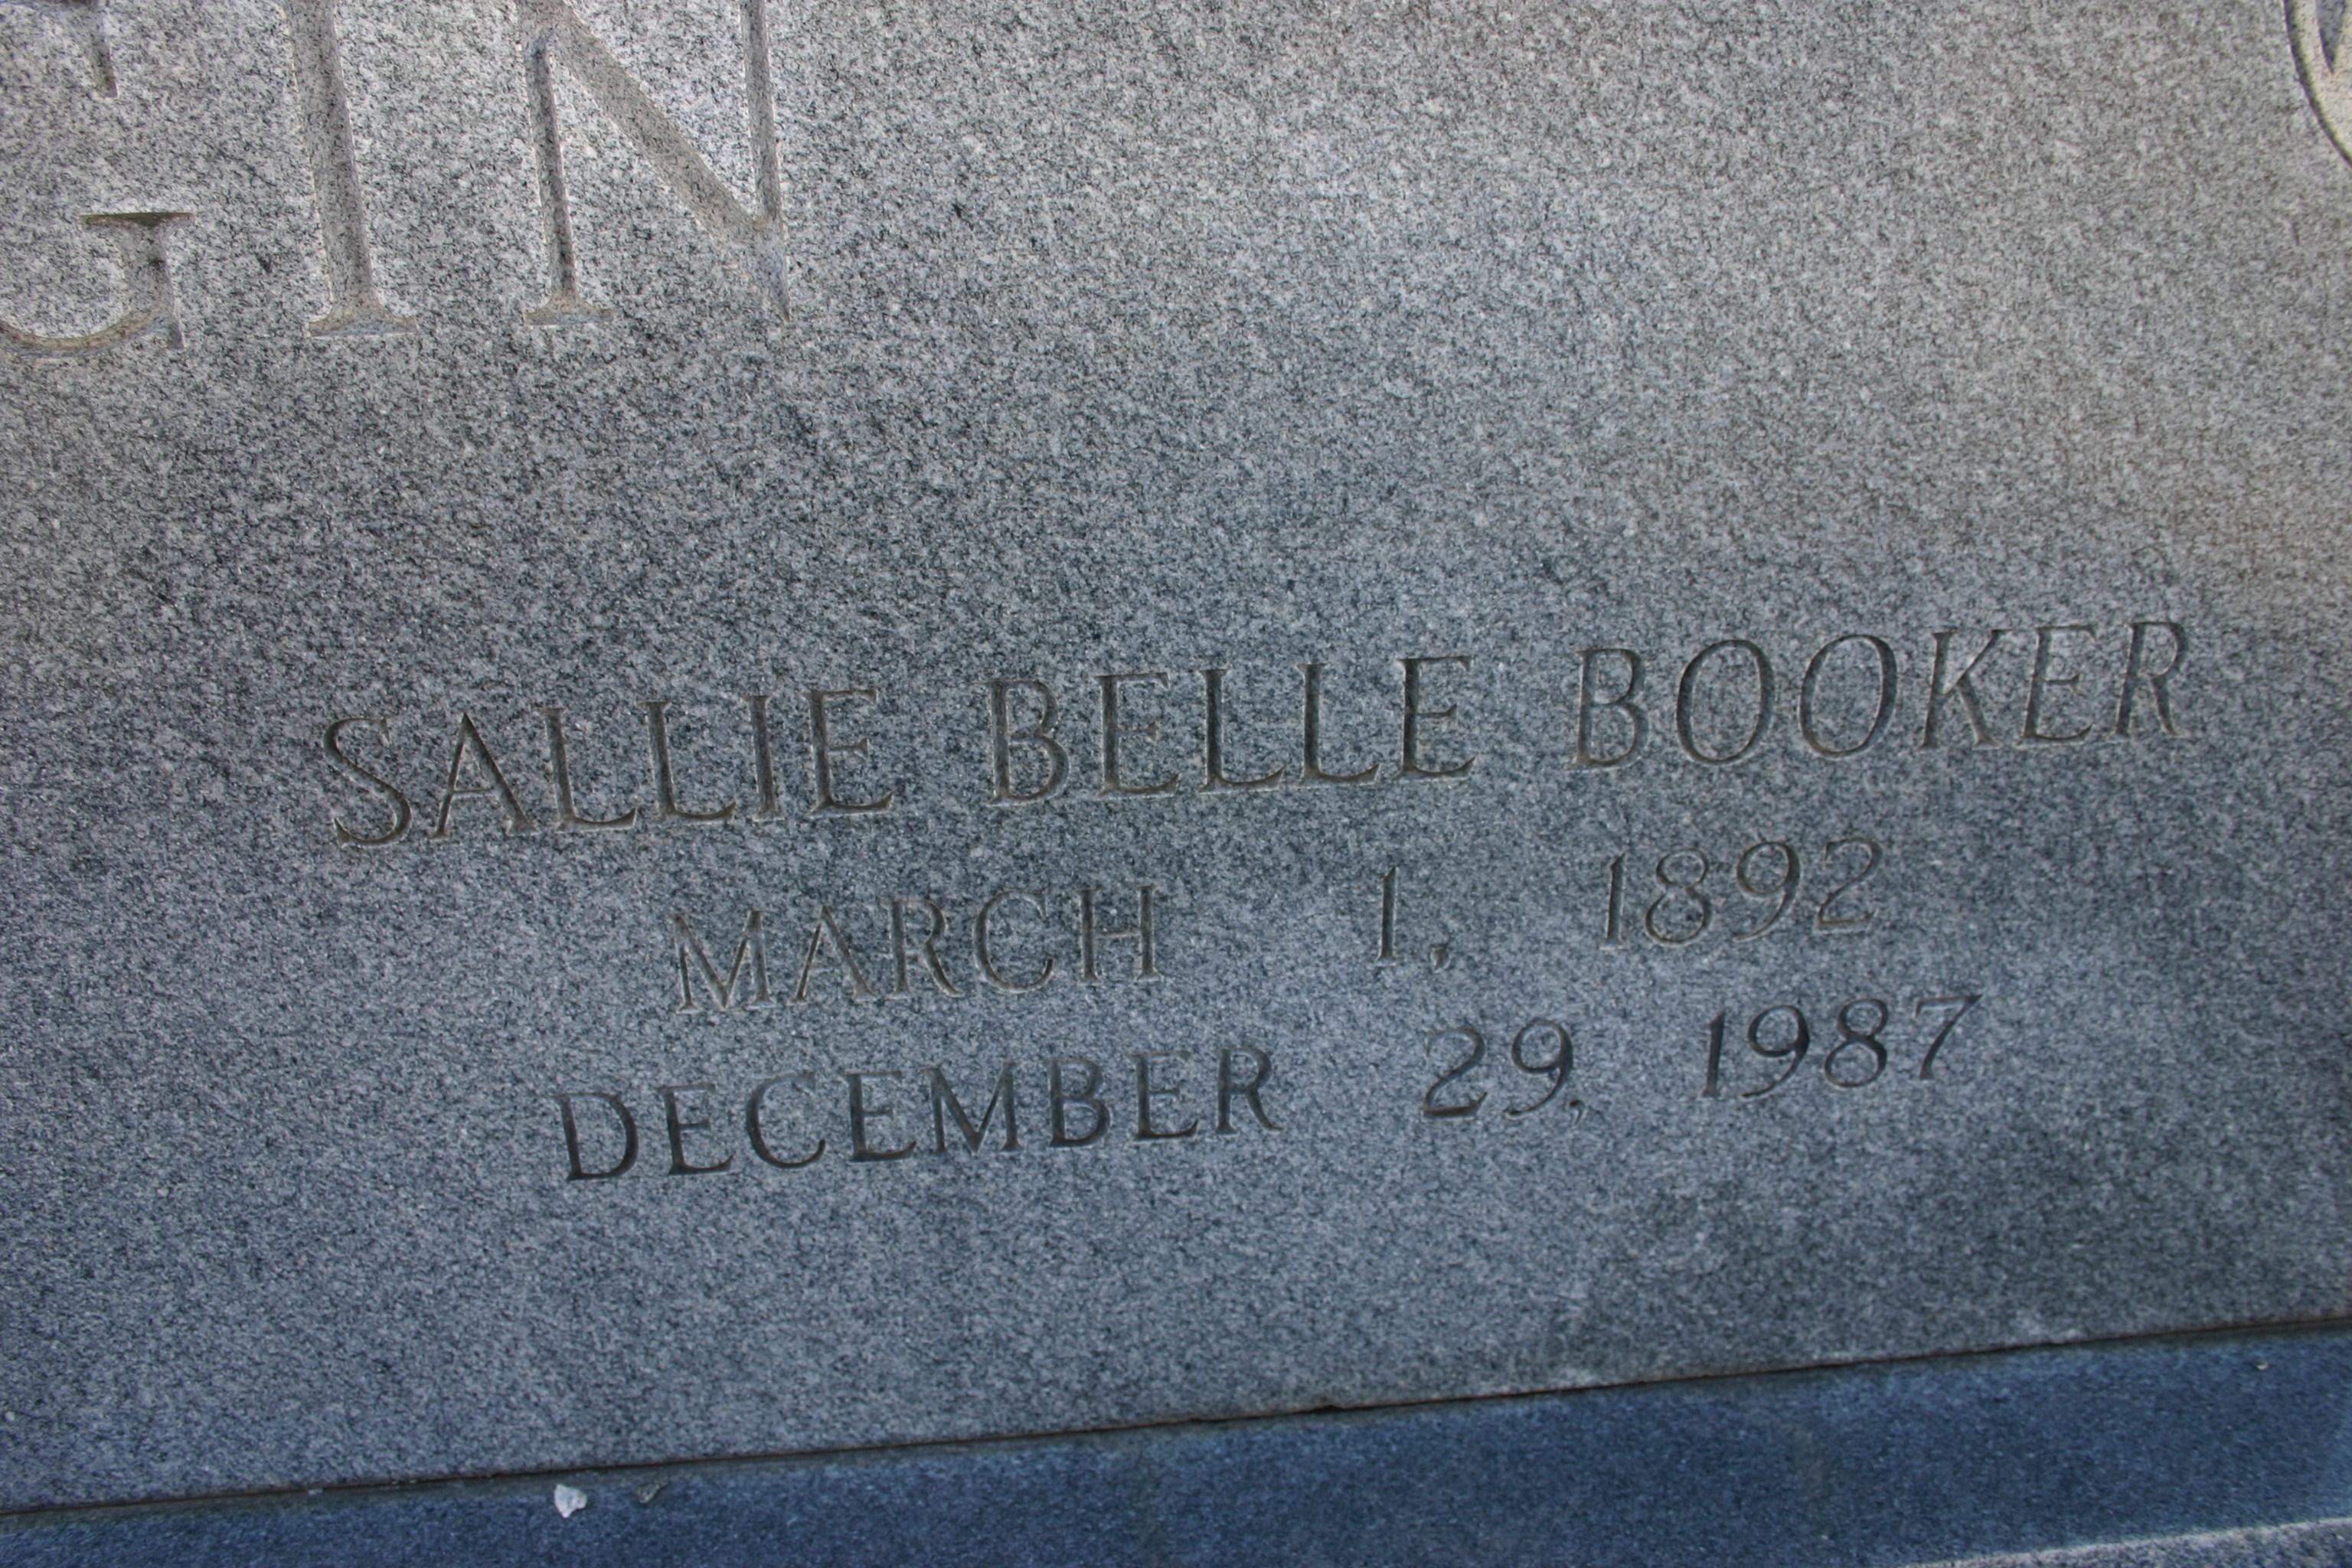 Bertie Willie Booker